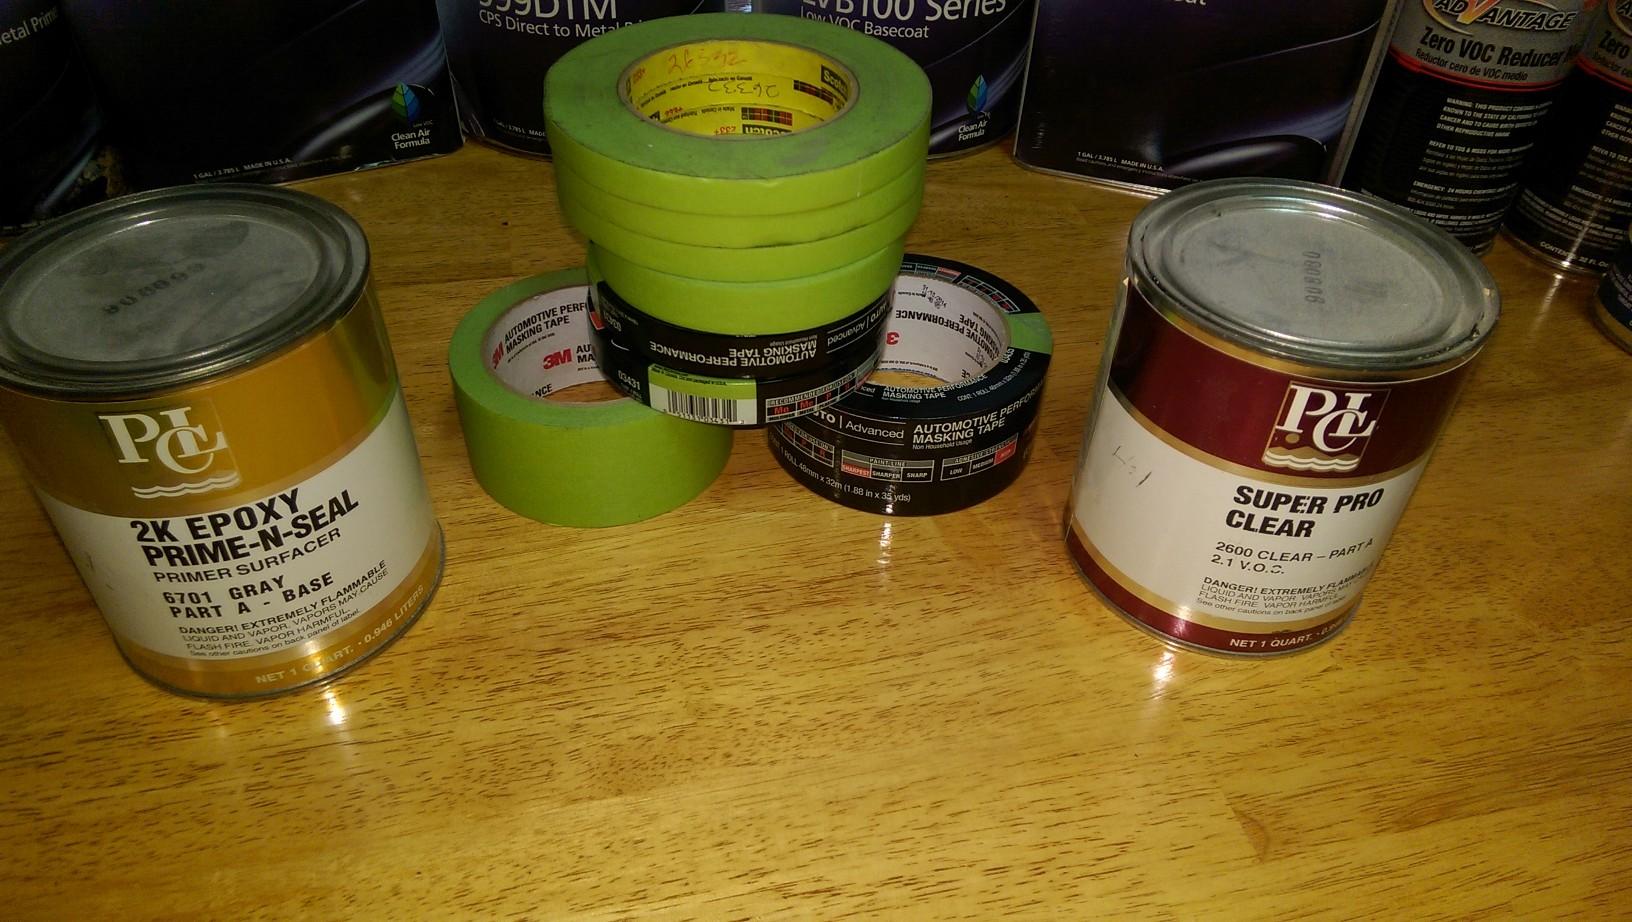 Valspar ppg eastwood automotive paint supplies for Ppg automotive paint store